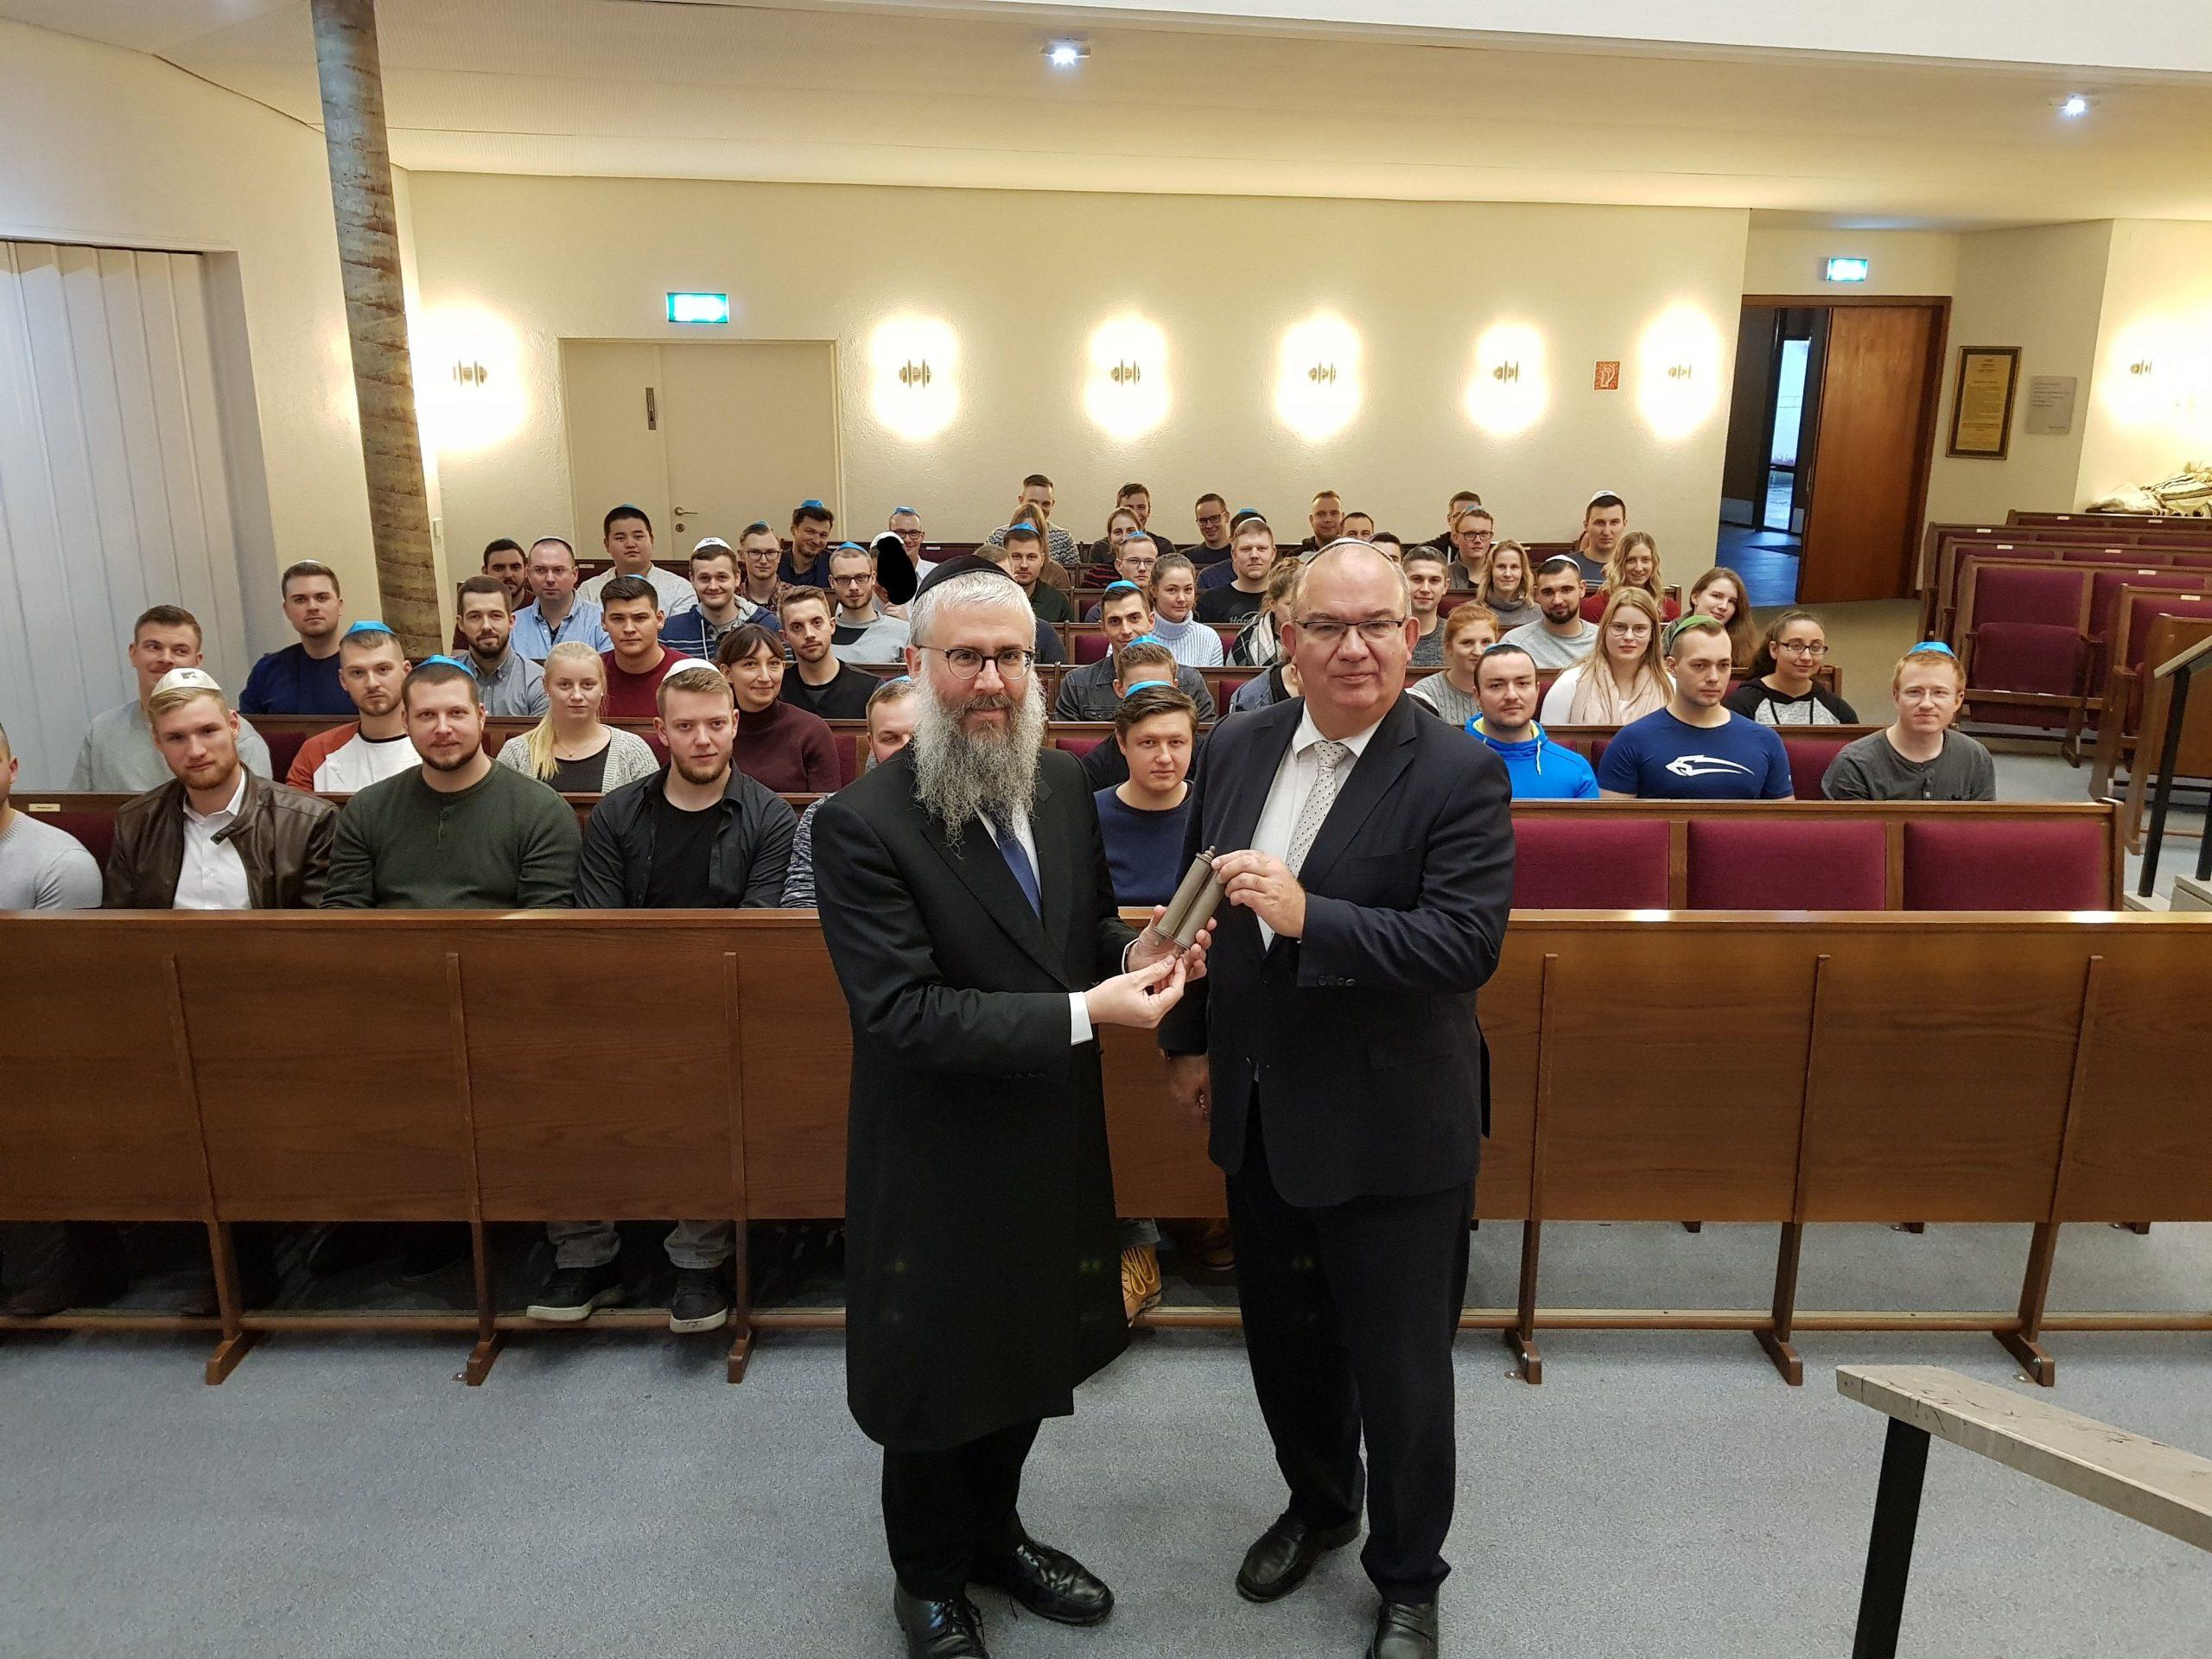 HSU-Präsident Prof. Dr. Klaus Beckmann überreichte dem Landesrabbiner der Freien und Hansestadt Hamburg Shlomo Bistritzky ein per 3D-Druck im OpenLab der HSU gefertigtes Modell einer Tora-Rolle.